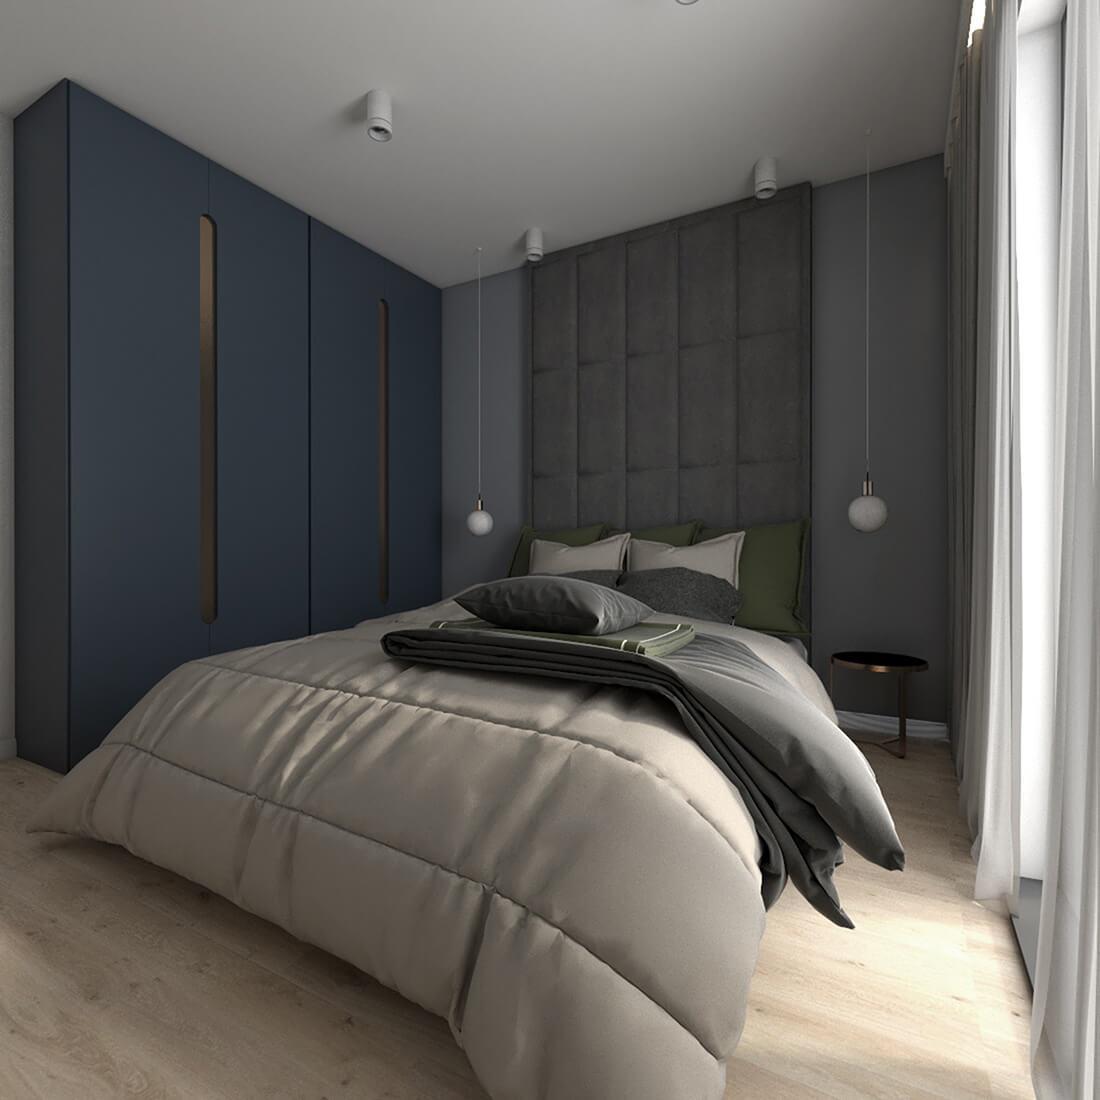 sypialnia główna w mieszkaniu w bloku 60m2